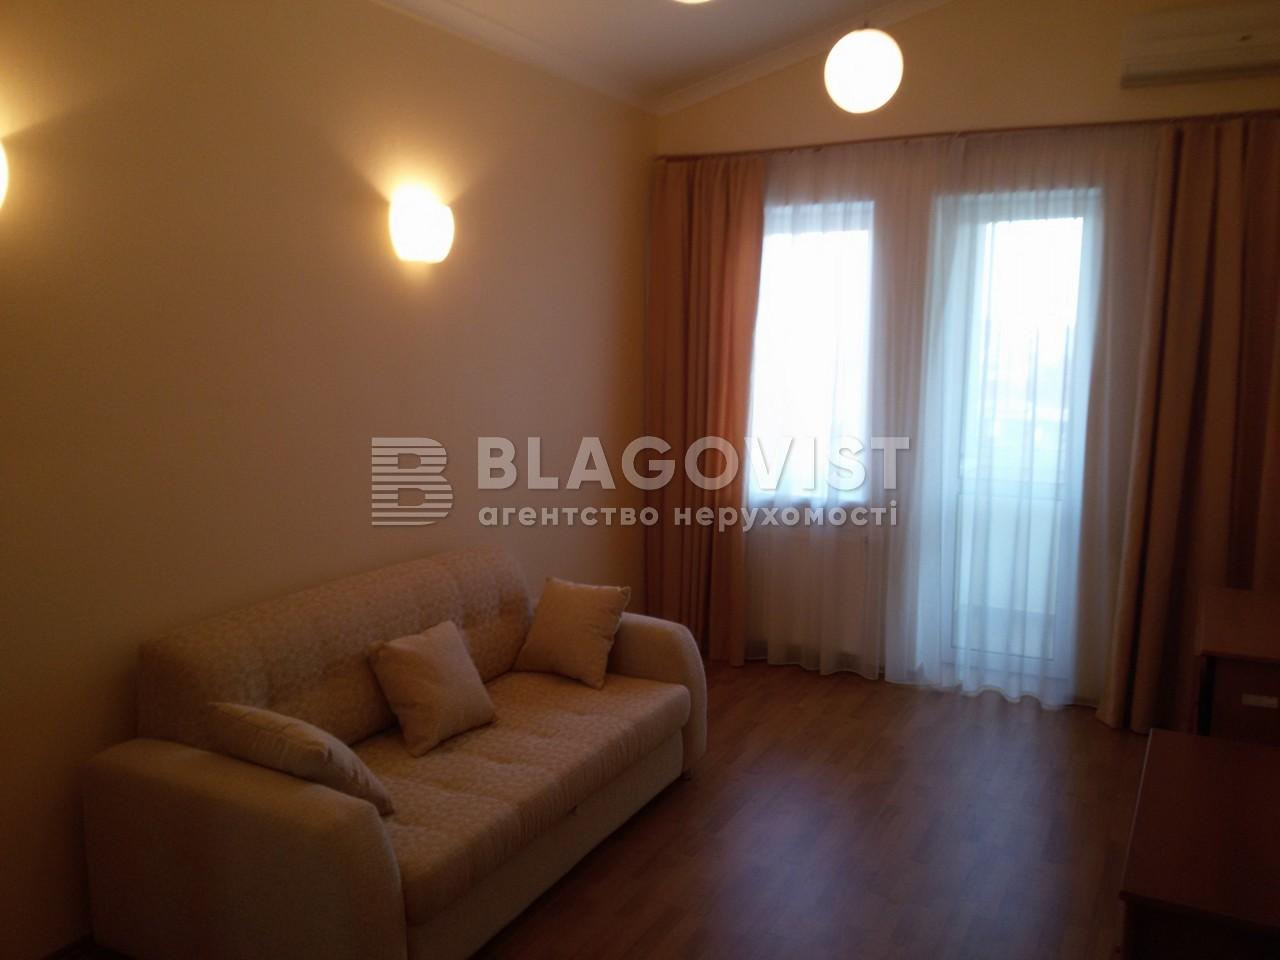 Квартира R-7966, Кирилловская (Фрунзе), 14/18, Киев - Фото 9